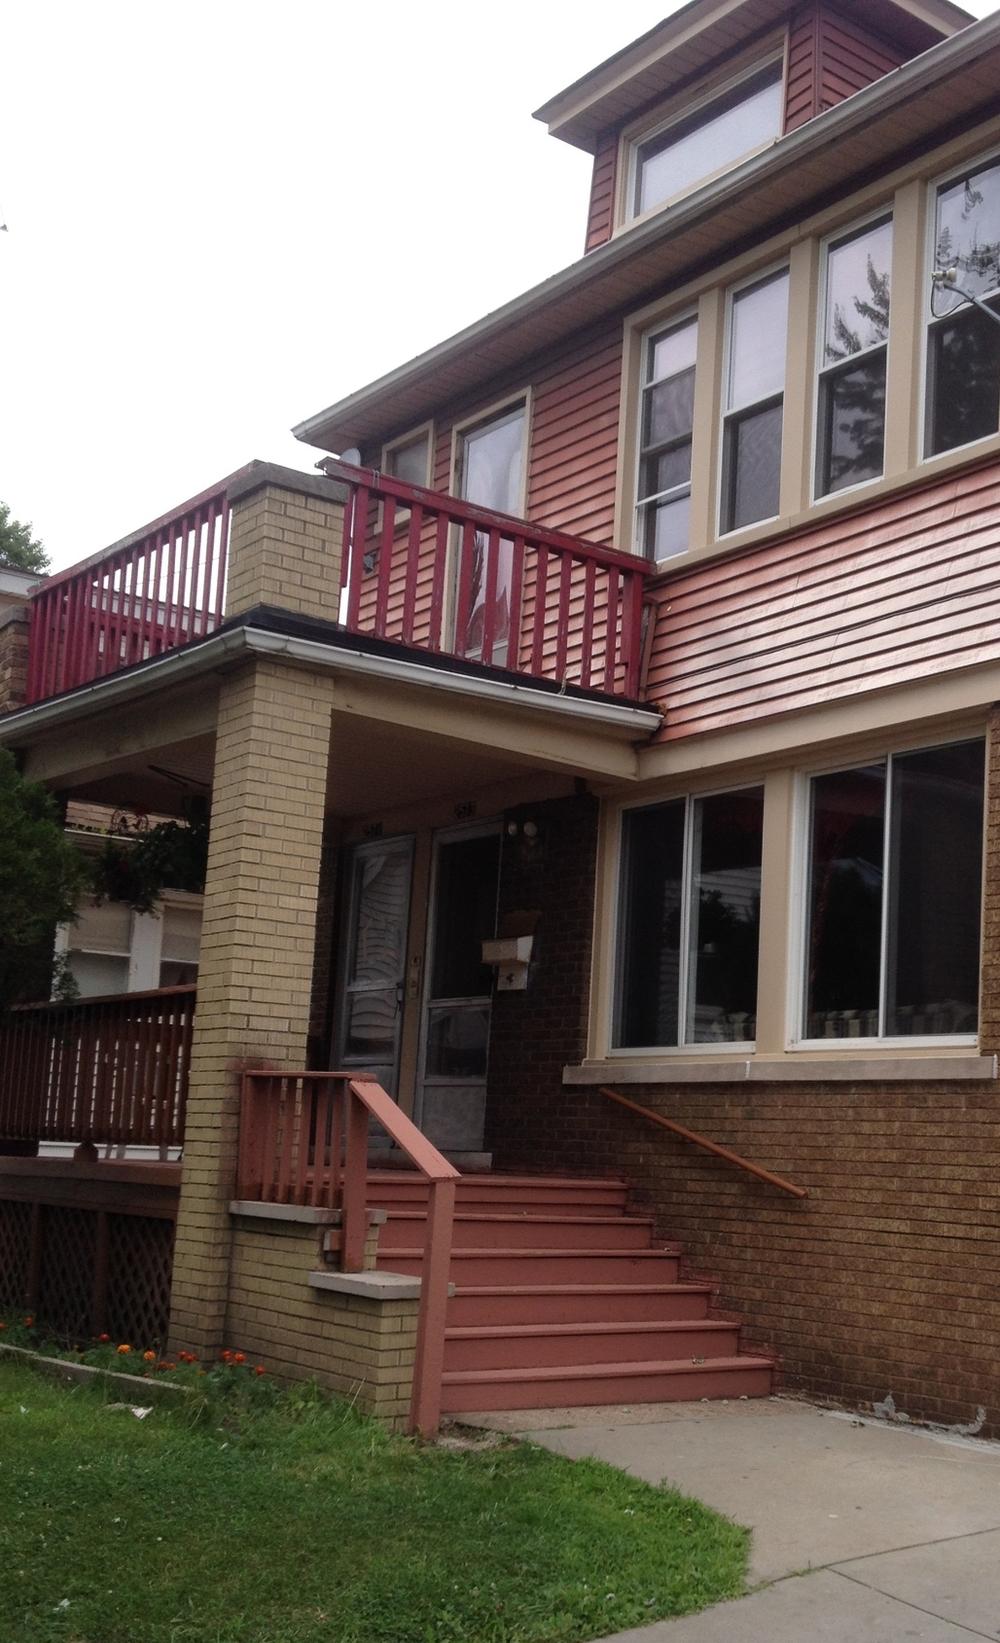 My upstairs flat, 2571 Woodmere